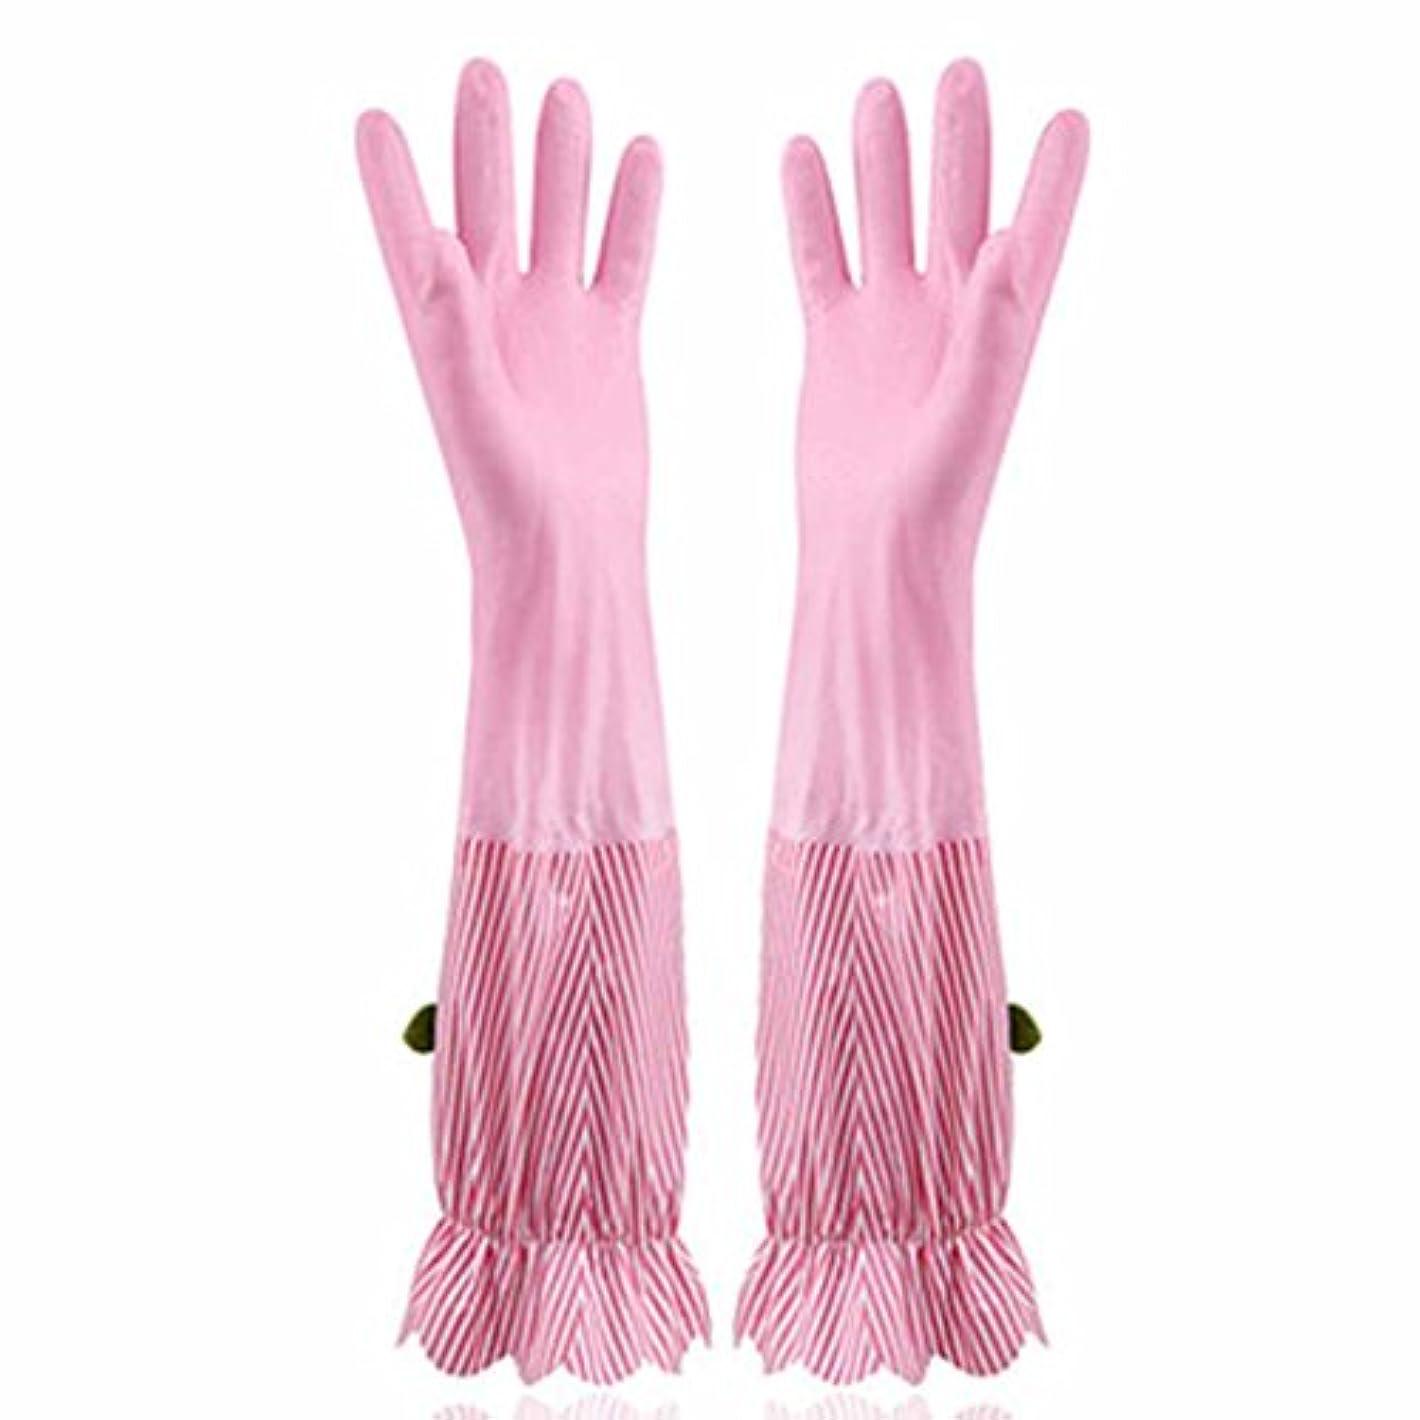 リラックスしたマルクス主義者責める使い捨て手袋 プラスベルベット暖かい食器洗い手袋キッチン家庭防水耐久手袋 (Size : Four pairs)